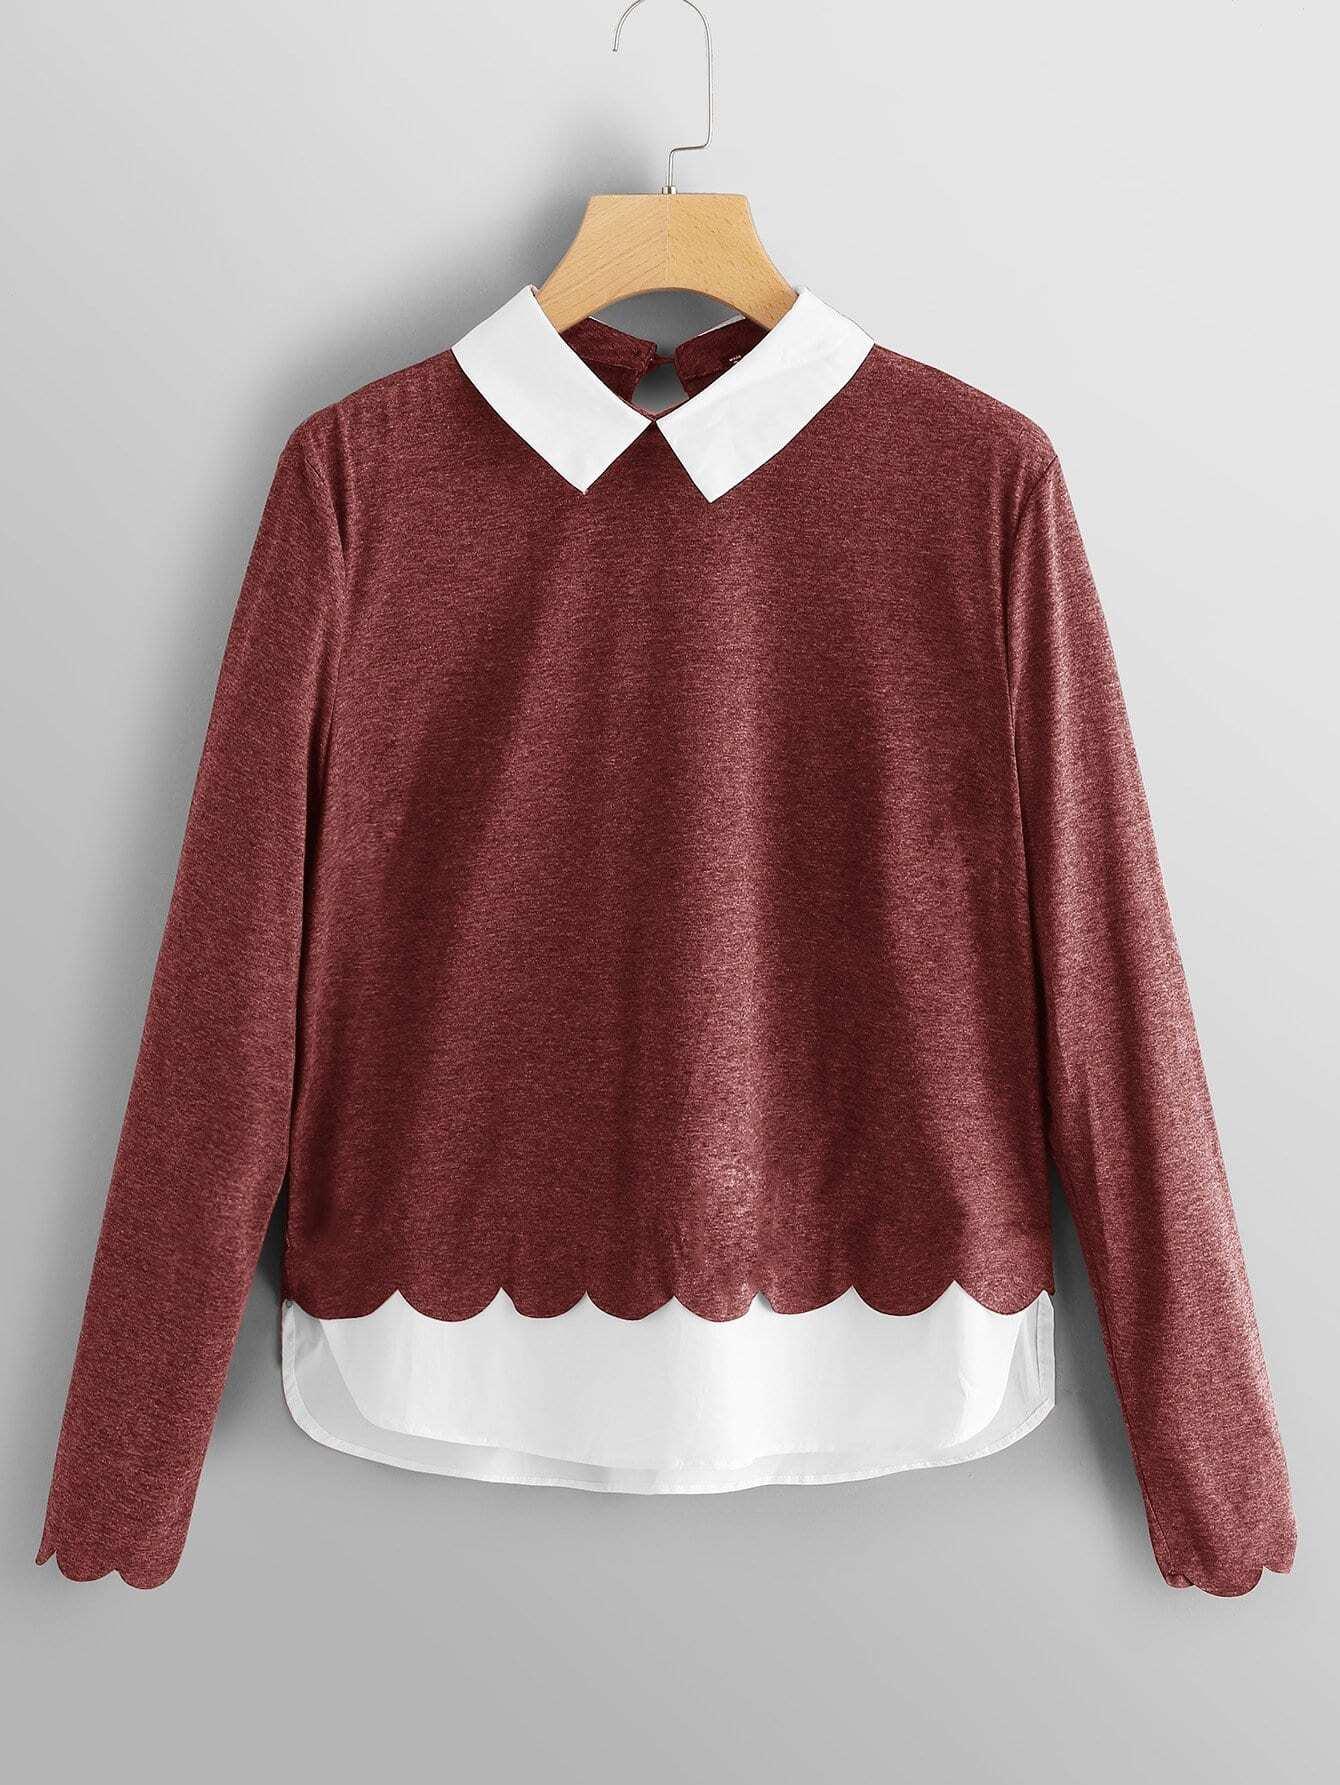 Купить Блуза с контрастным воротником и веерообразный подолл, null, SheIn